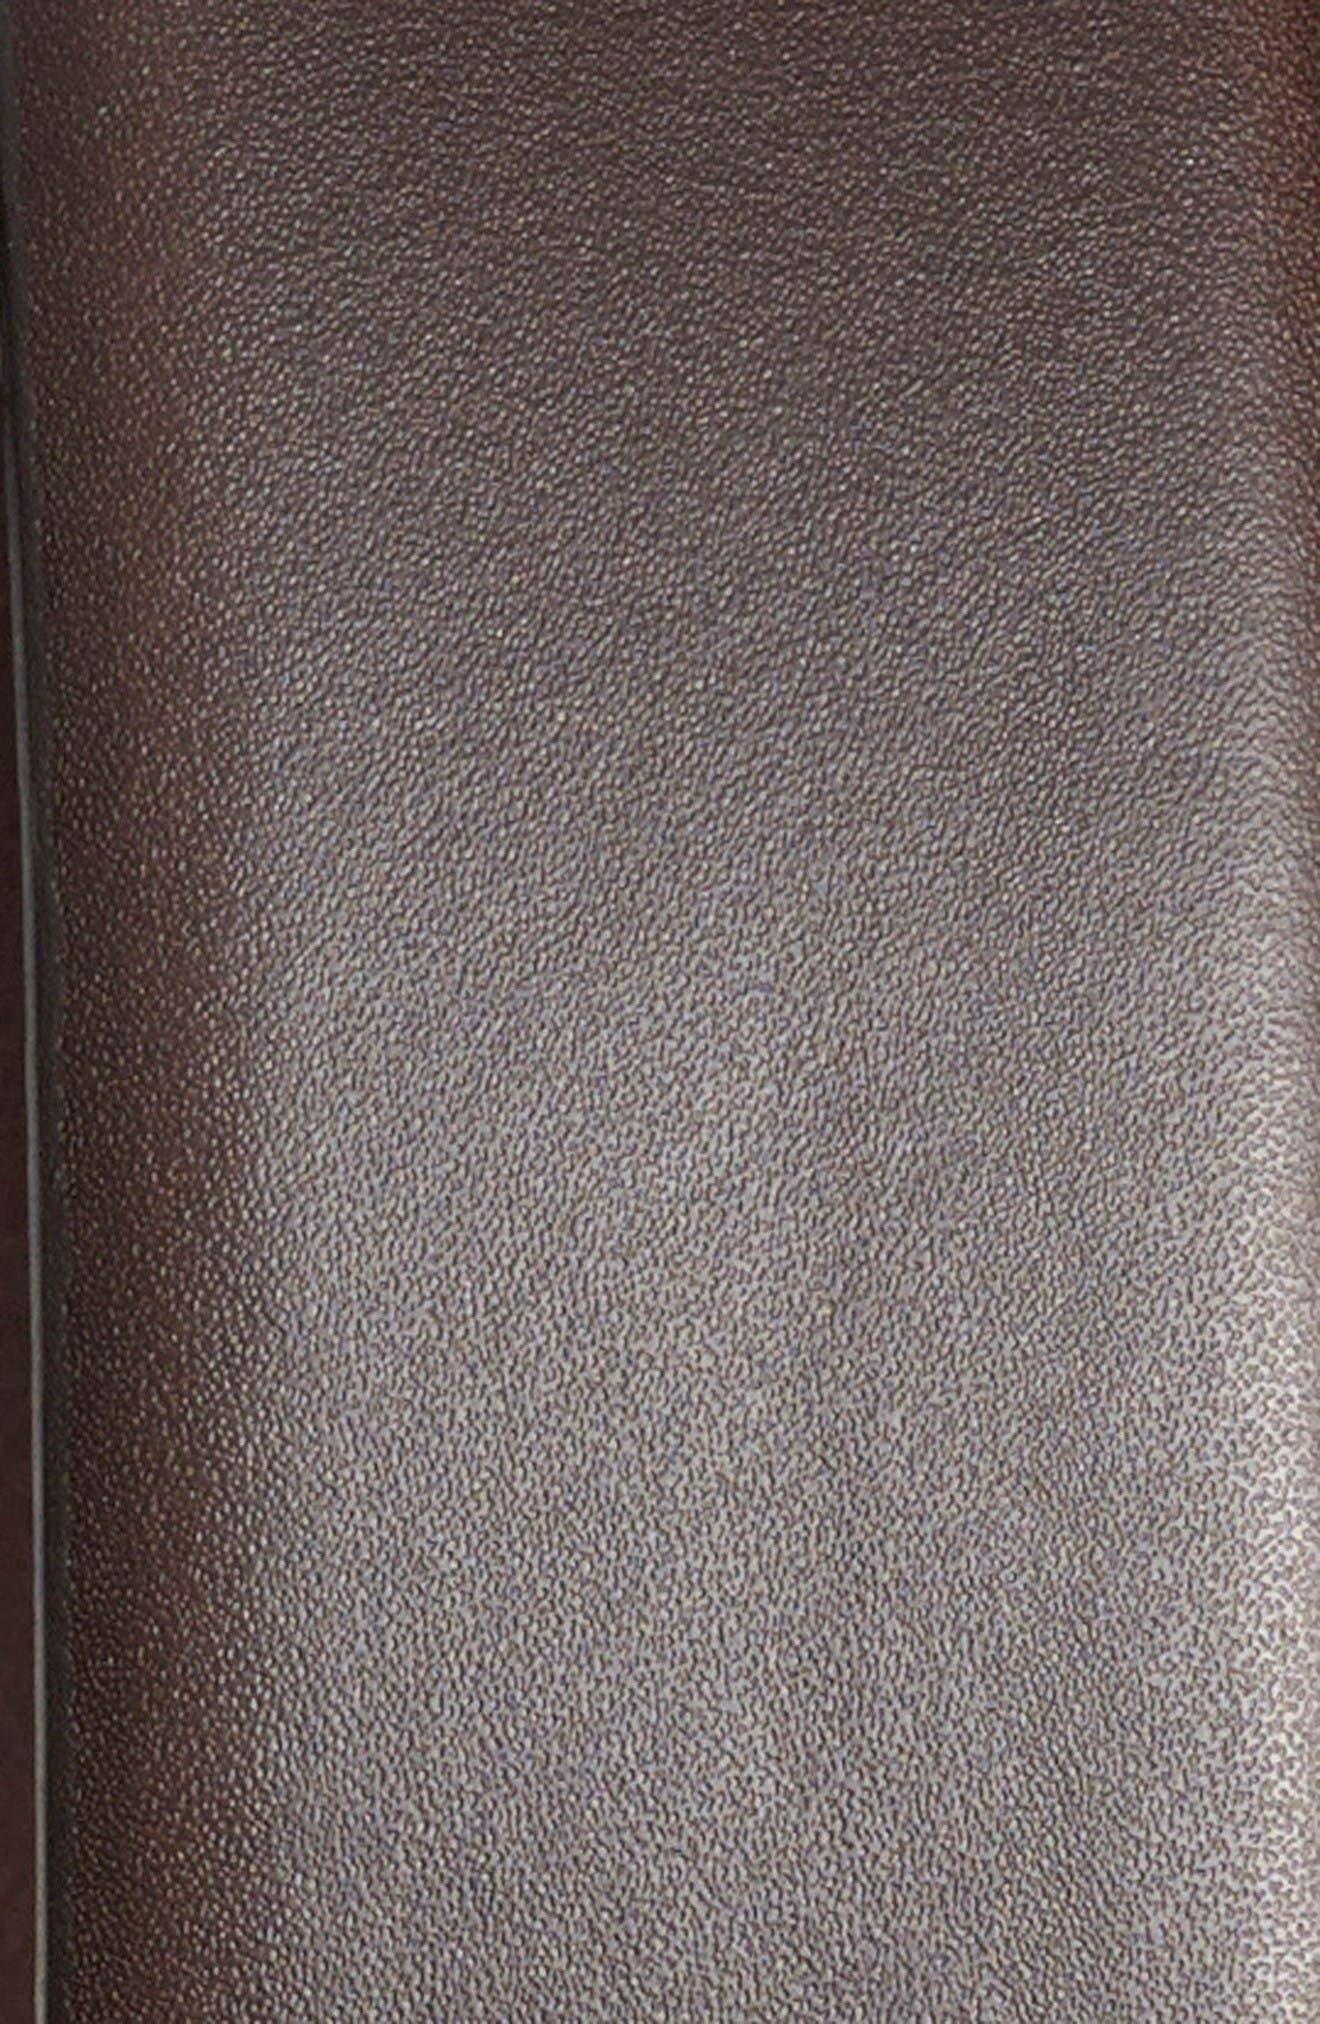 Alternate Image 2  - BOSS 'Brandon' Leather Belt